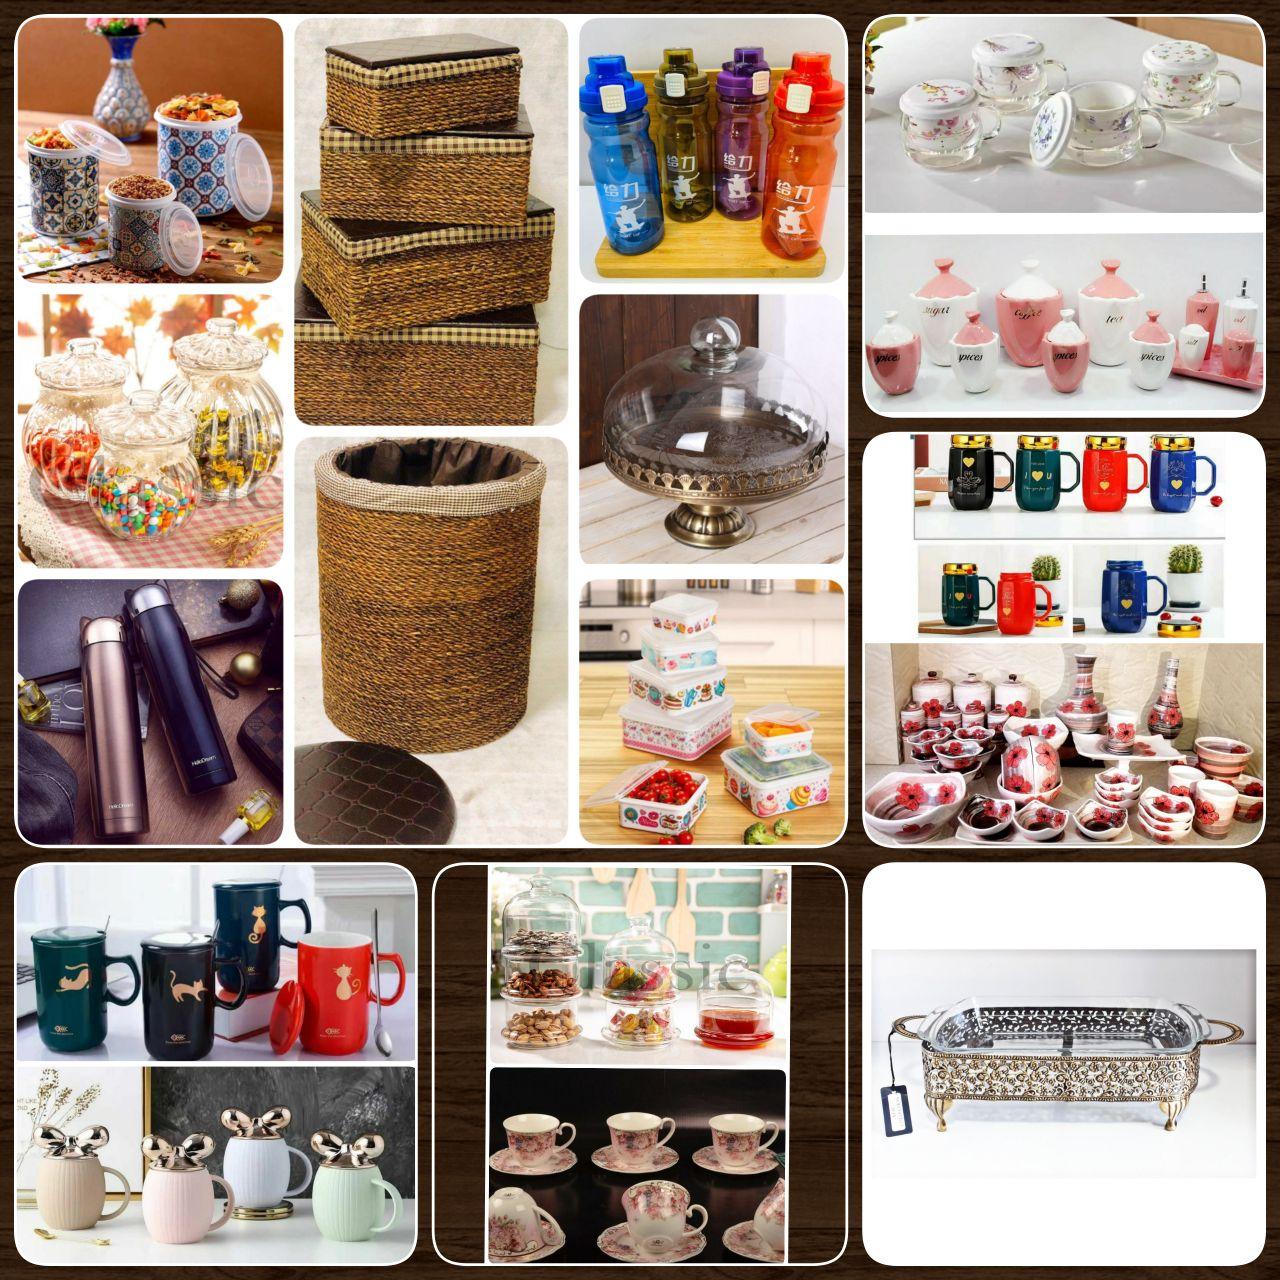 تولید کننده و واردکننده لوازم آشپزخانه